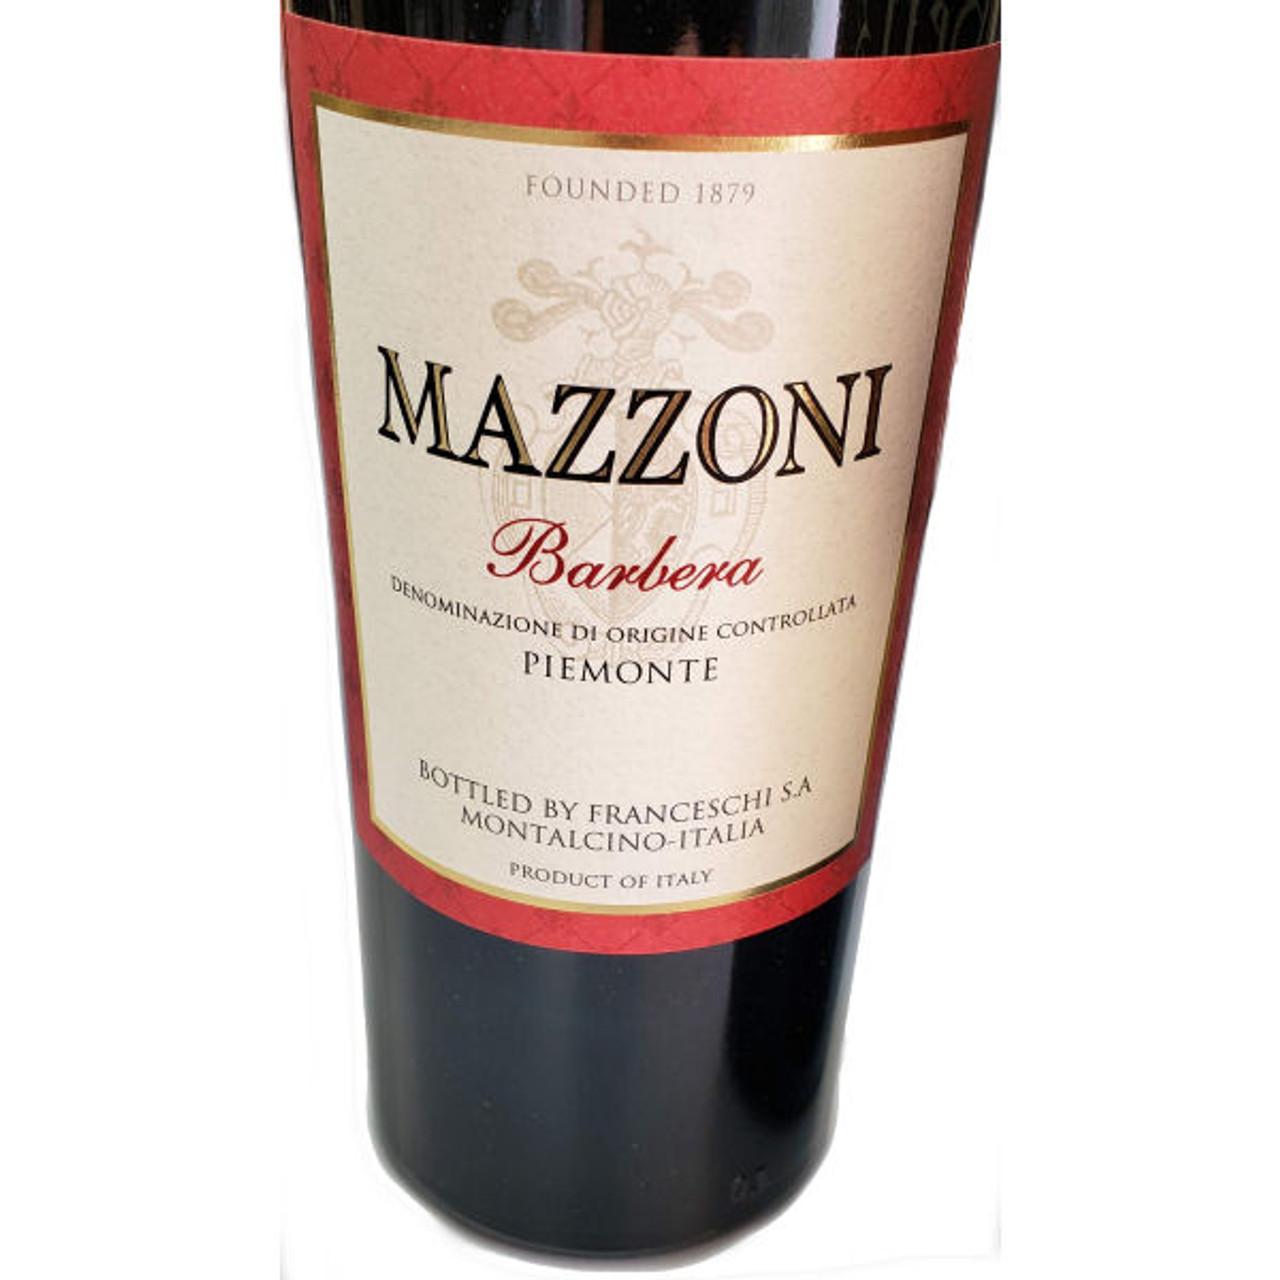 Mazzoni Barbera Piemonte DOC